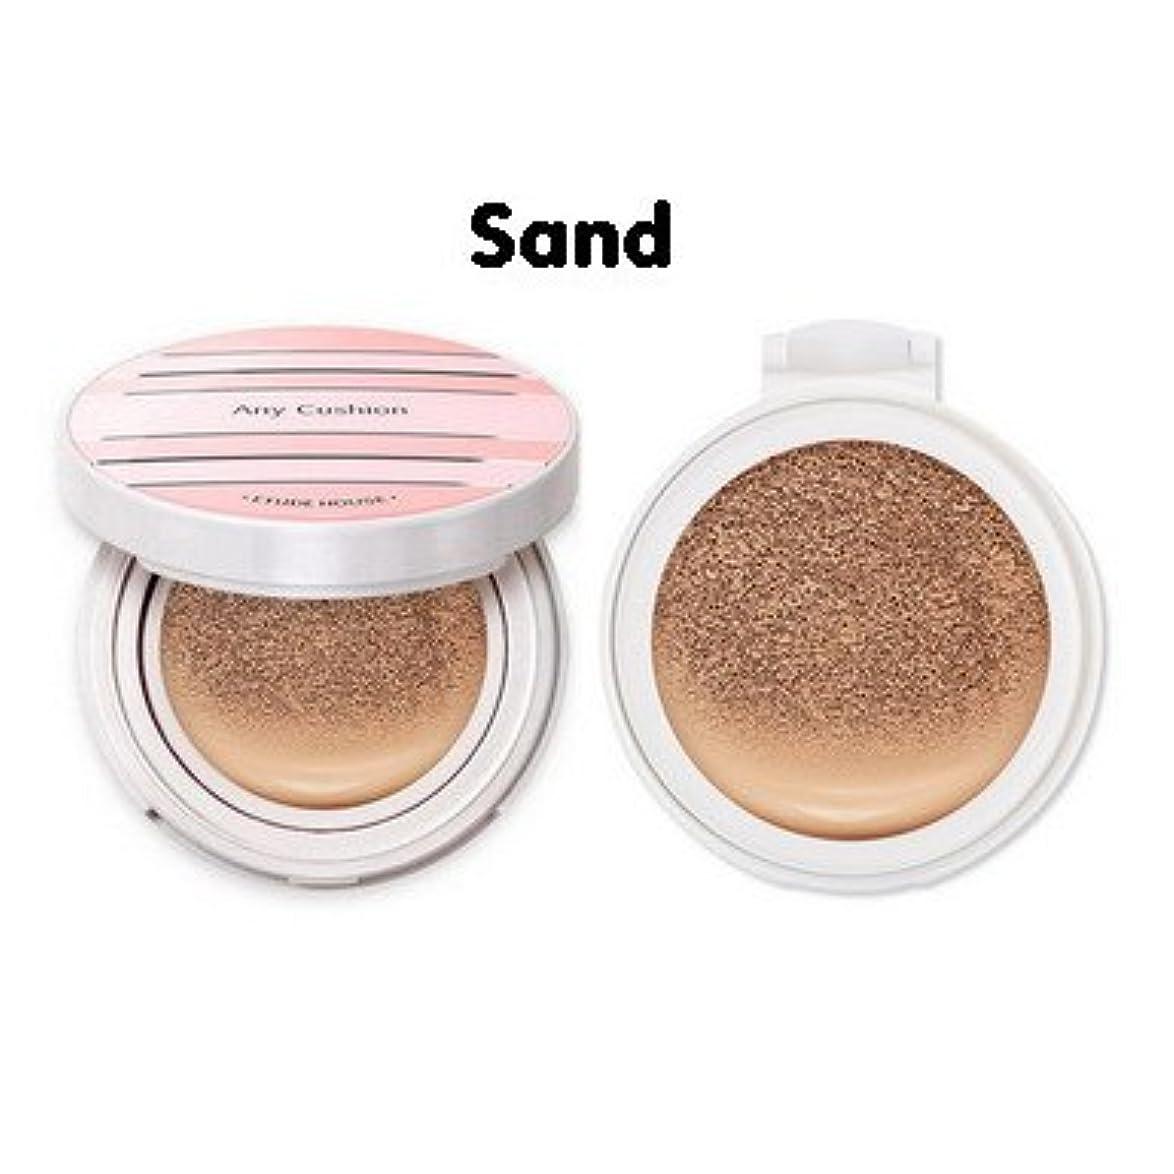 内なる勇者委託【ETUDE HOUSE(エチュードハウス)】エニクッション オールデーパーフェクト15g+15g (本品+リフィル) (SPF50+/ PA+++) (6カラー選択1) (Sand) [並行輸入品]